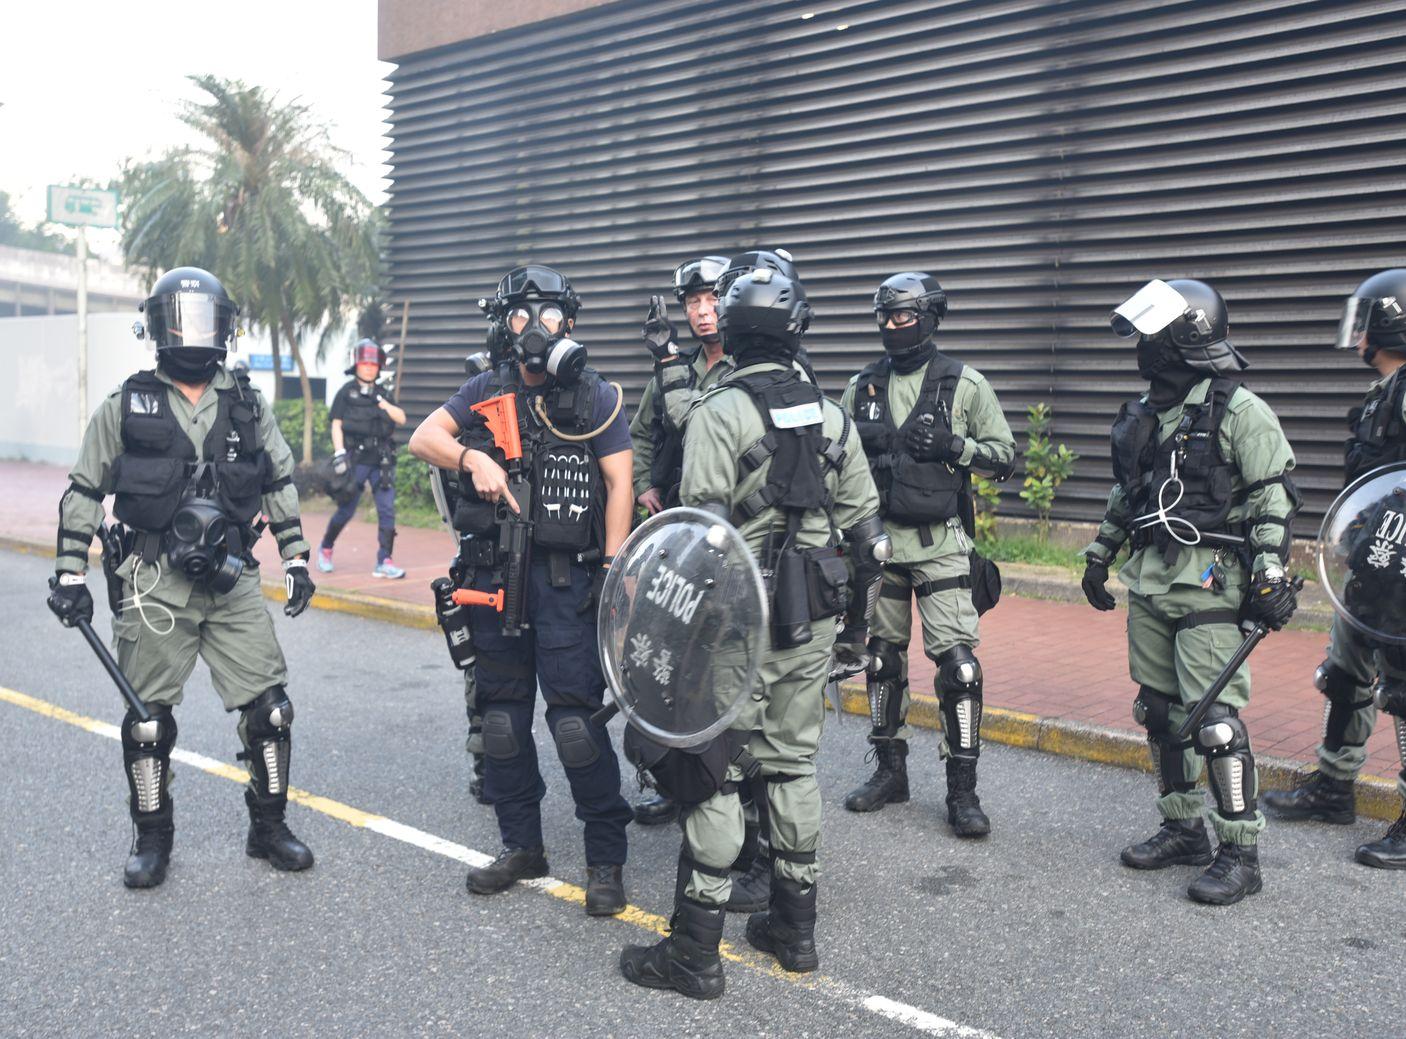 【修例风波】民间记者会称政府最大问题是警队 促10月1日前回应诉求